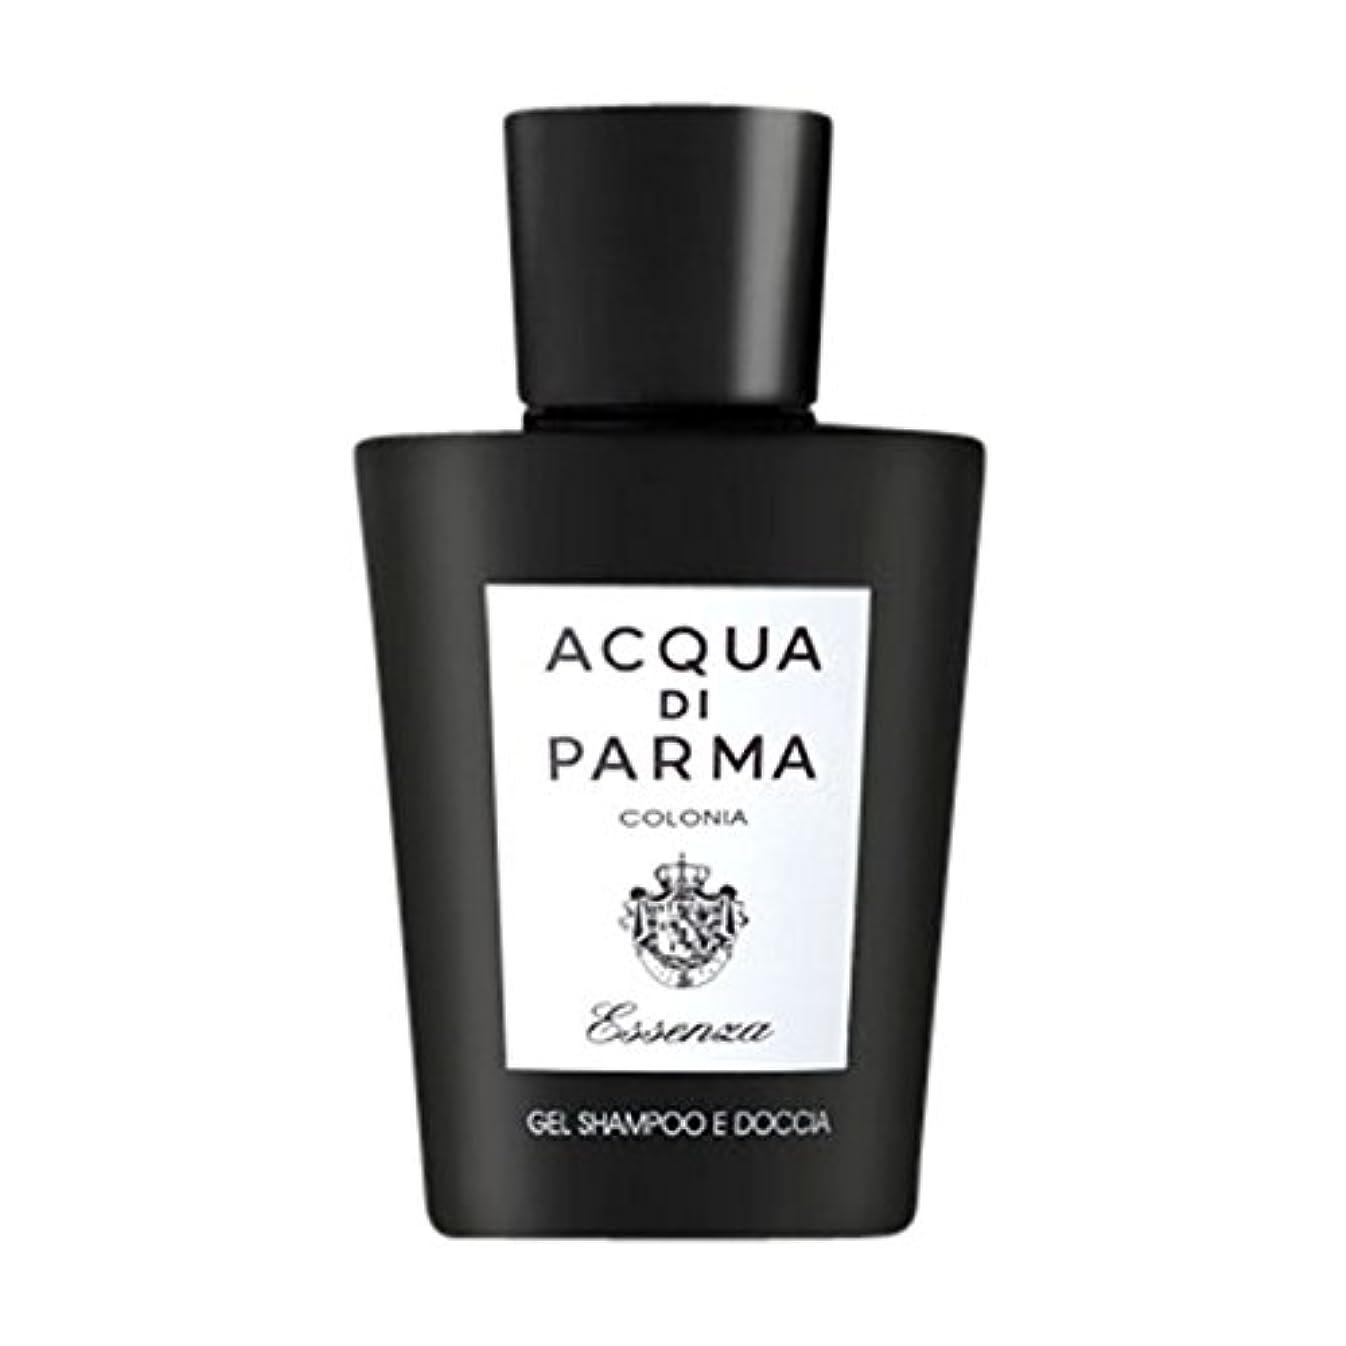 一方、赤面財布アクアディパルマコロニアEssenza髪とシャワージェル200ミリリットル (Acqua di Parma) (x6) - Acqua di Parma Colonia Essenza Hair and Shower Gel 200ml (Pack of 6) [並行輸入品]